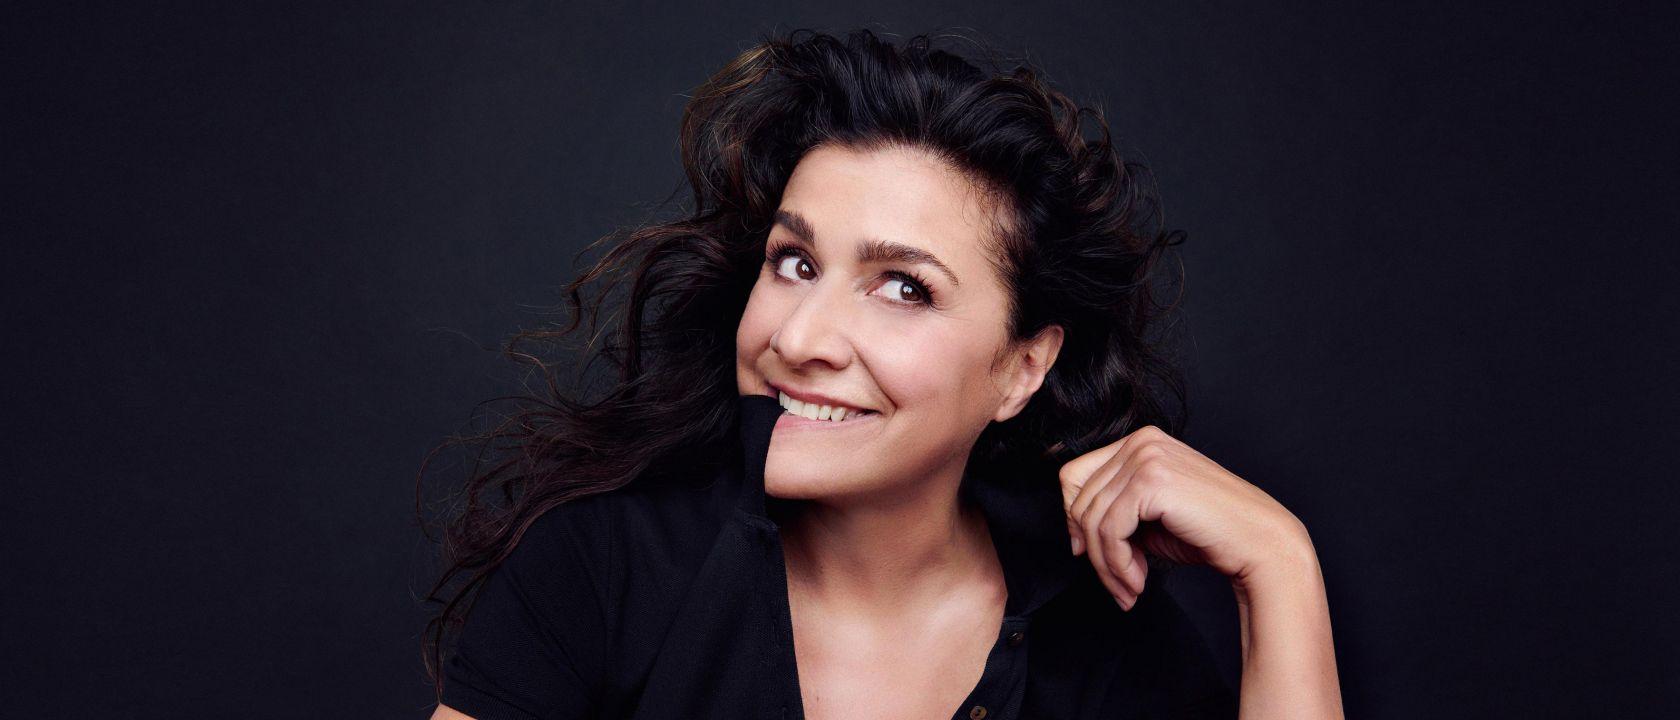 Cecilia Bartoli singer mezzo-soprano